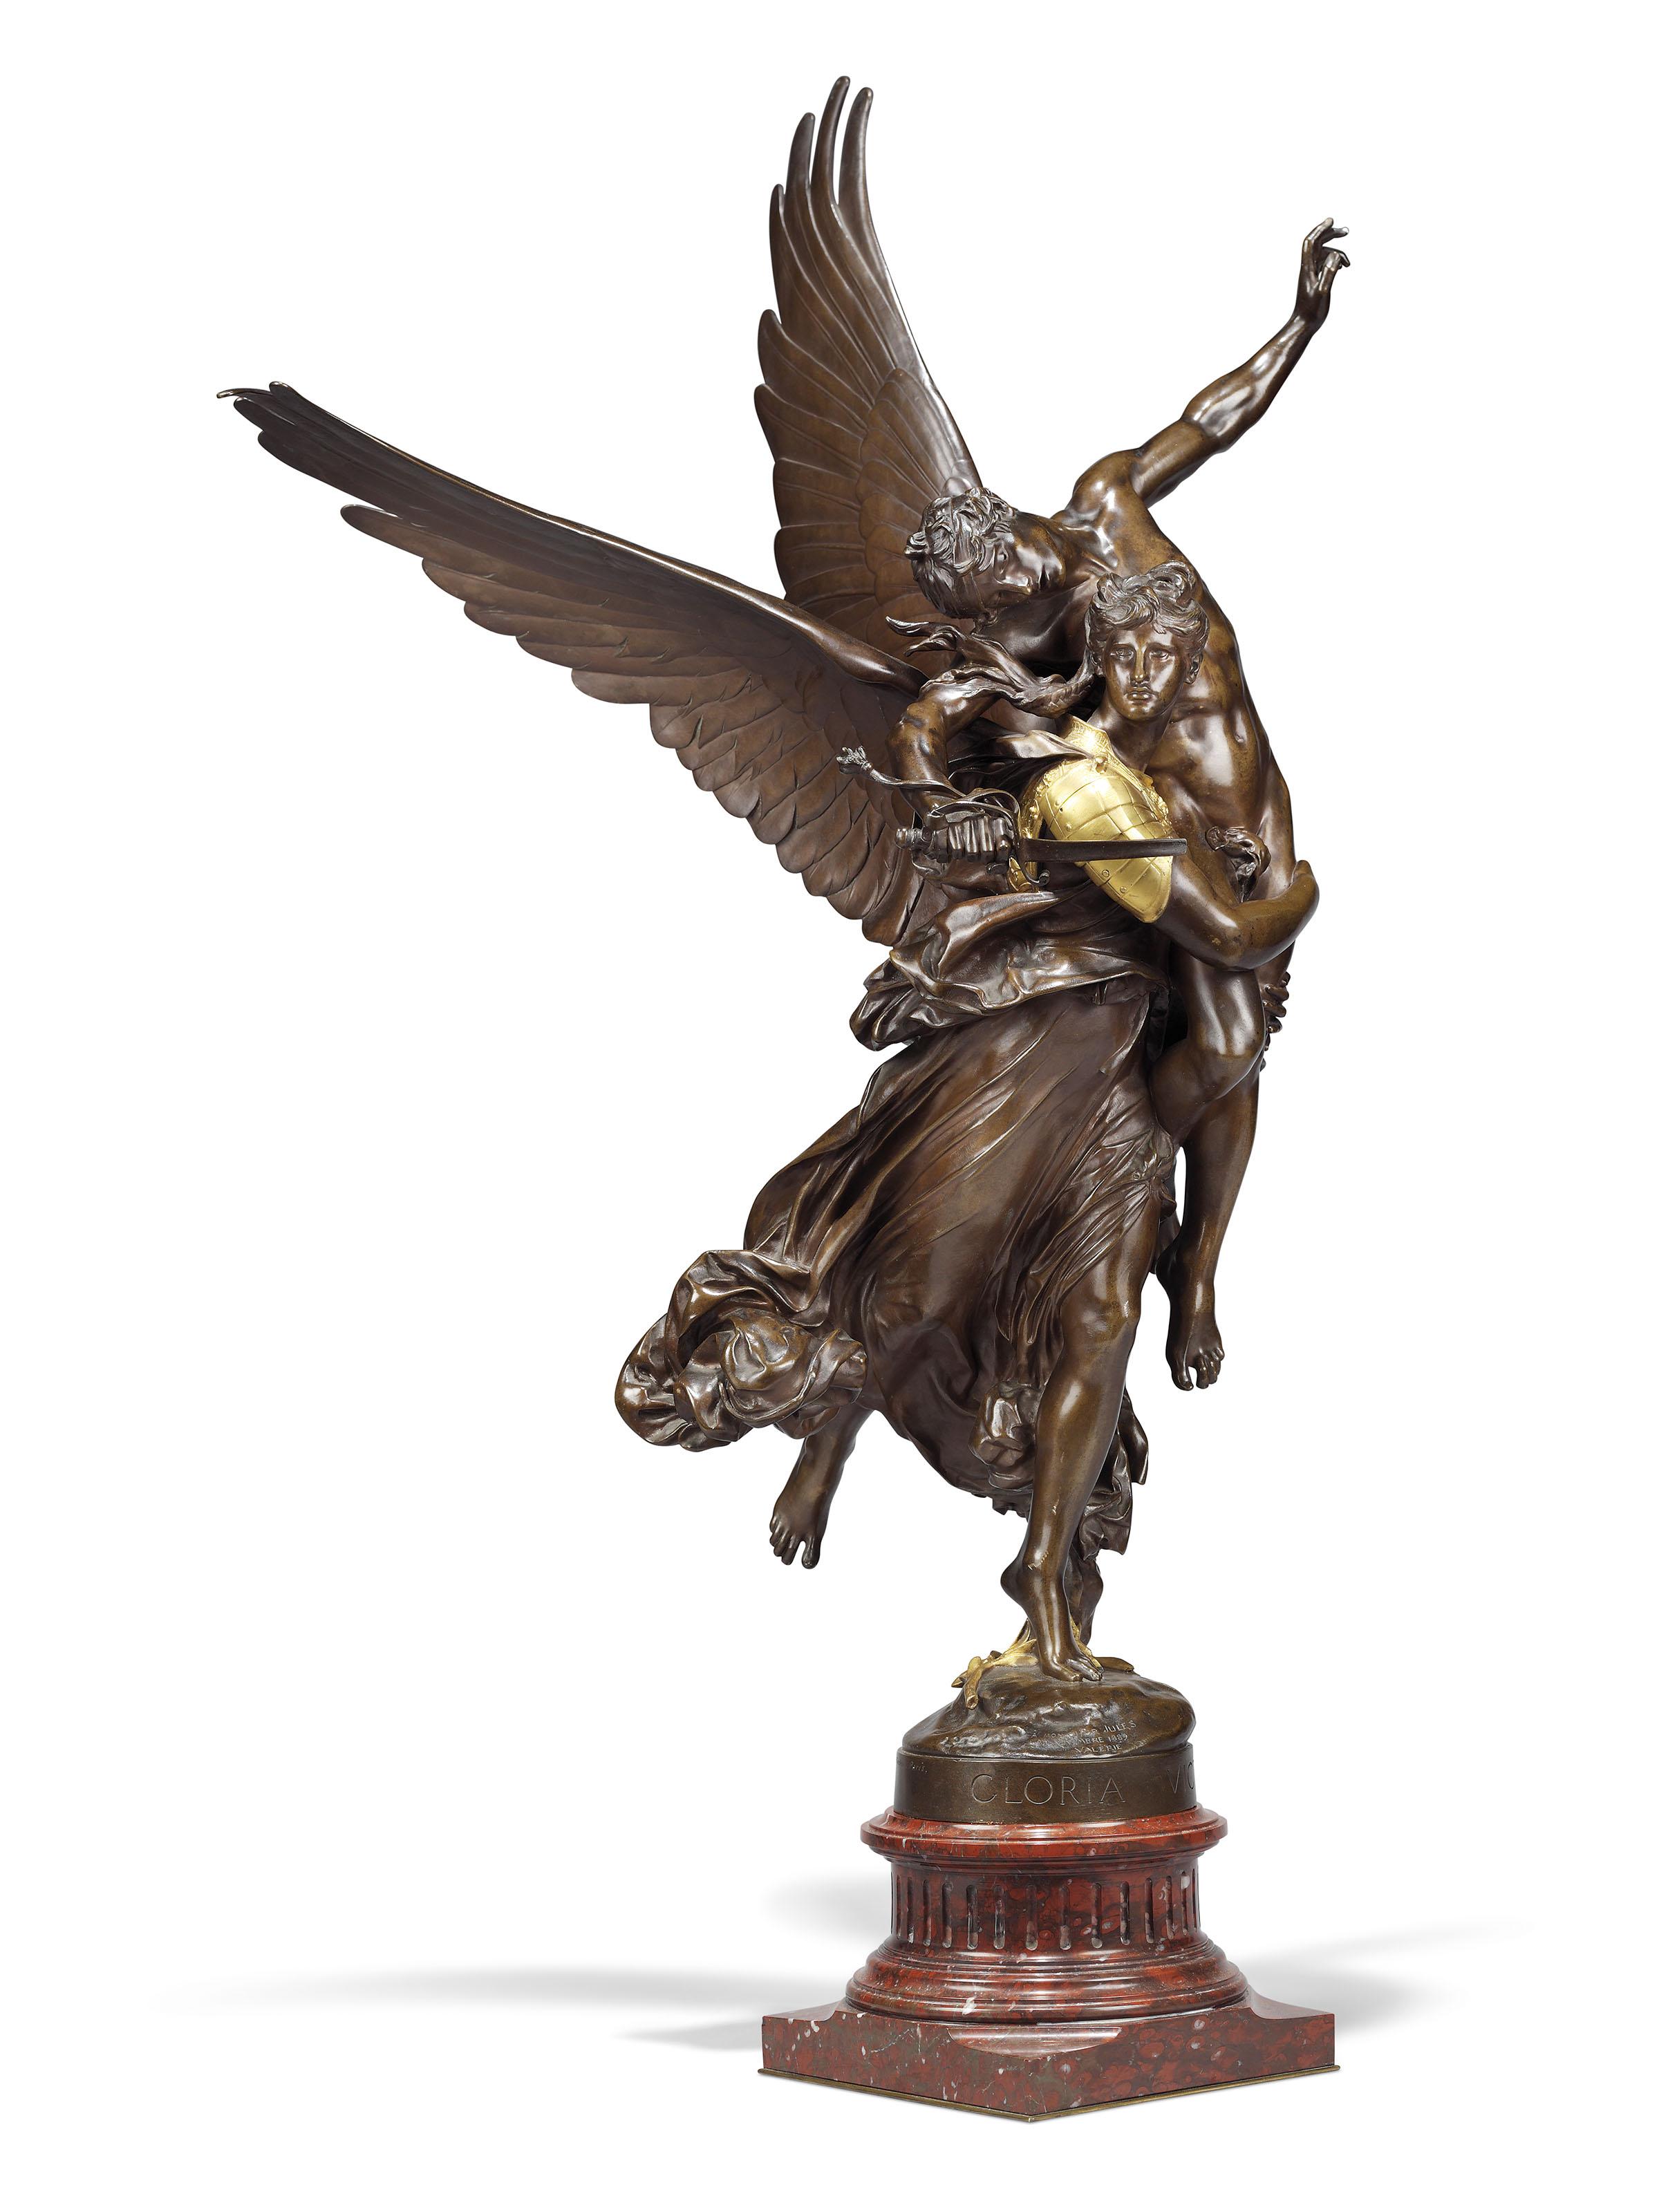 ANTONIN MERCIE: MONUMENTAL BRONZE OF GLORIA VICTIS 1875